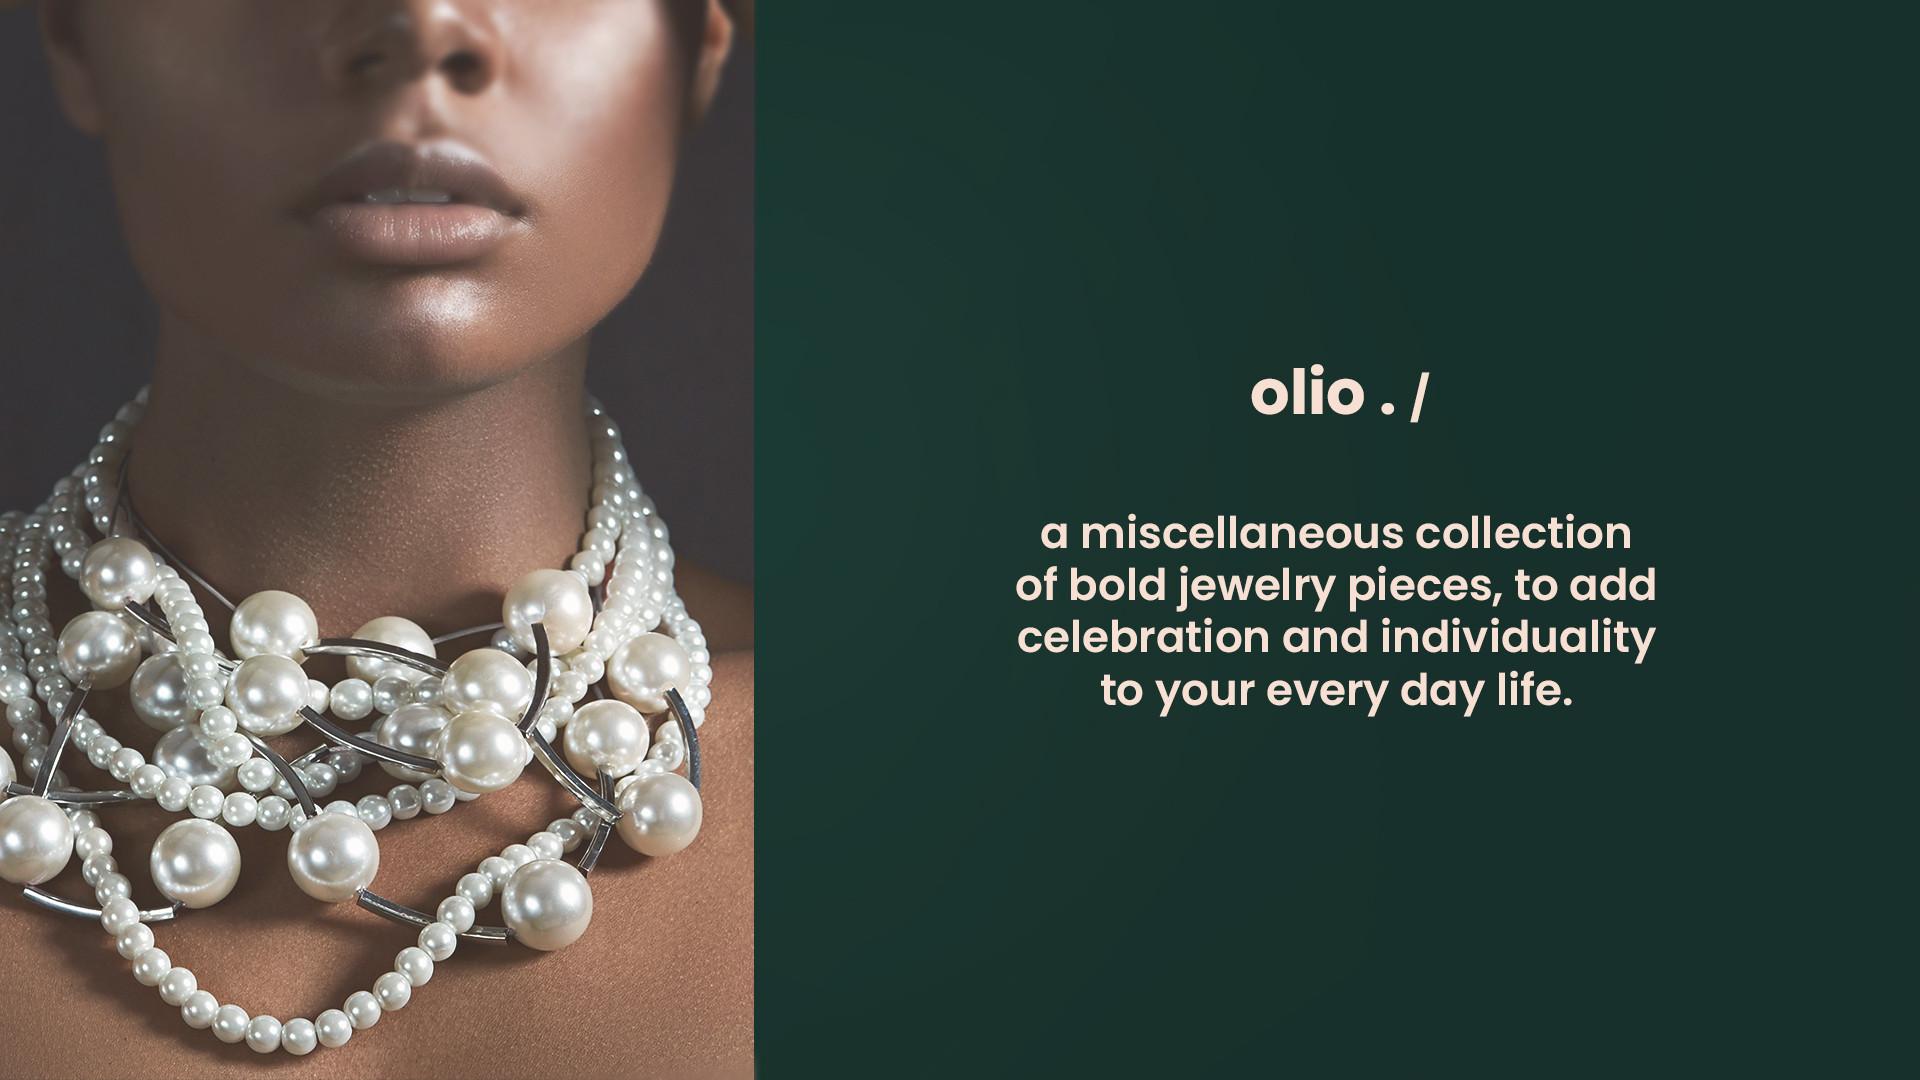 Olio Display 7.jpg